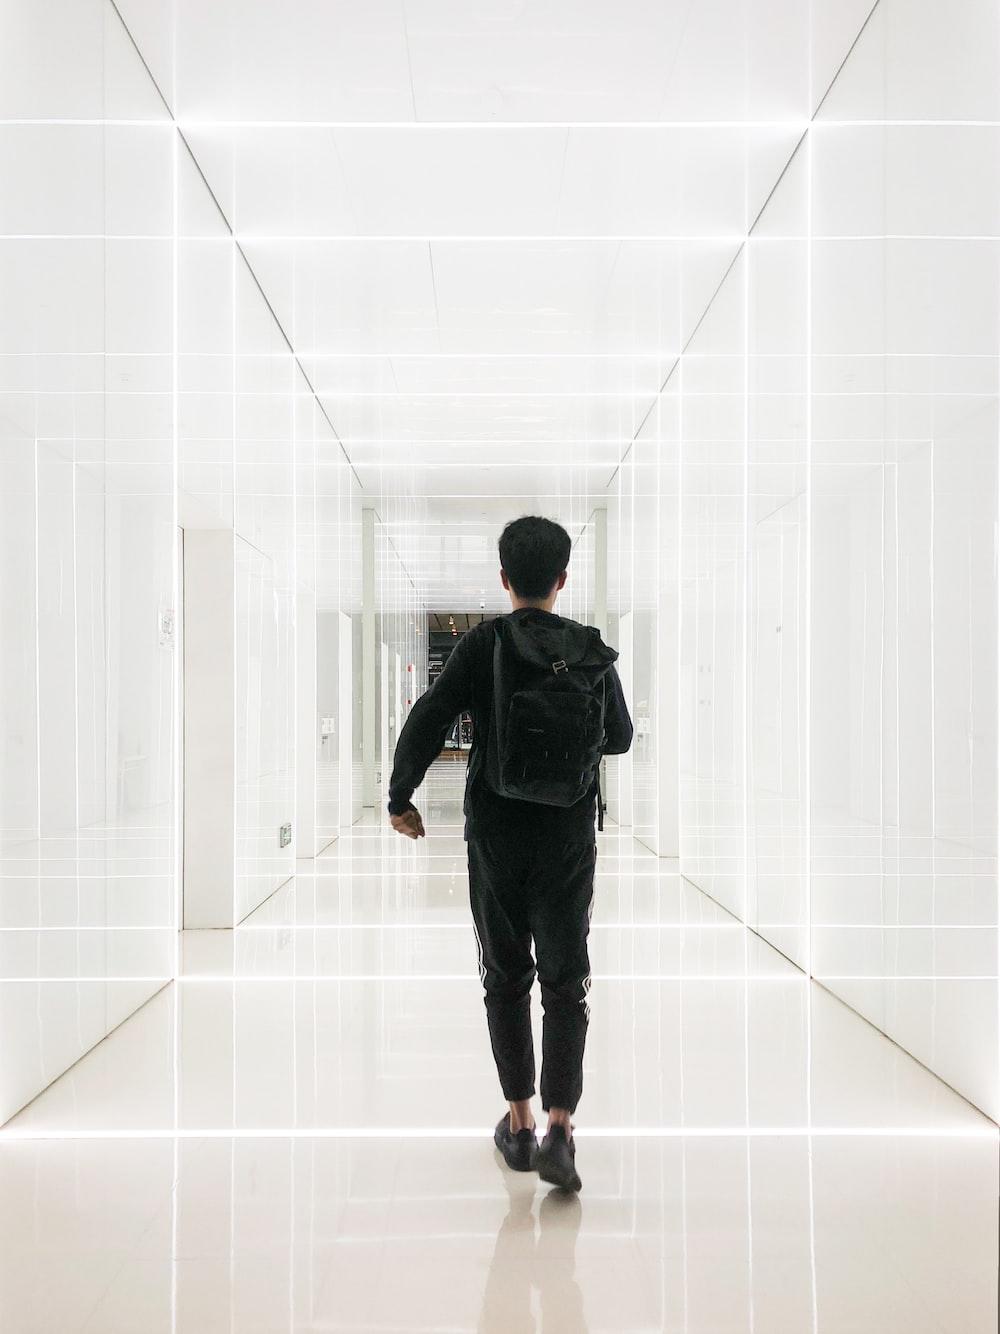 boy walking in hallway